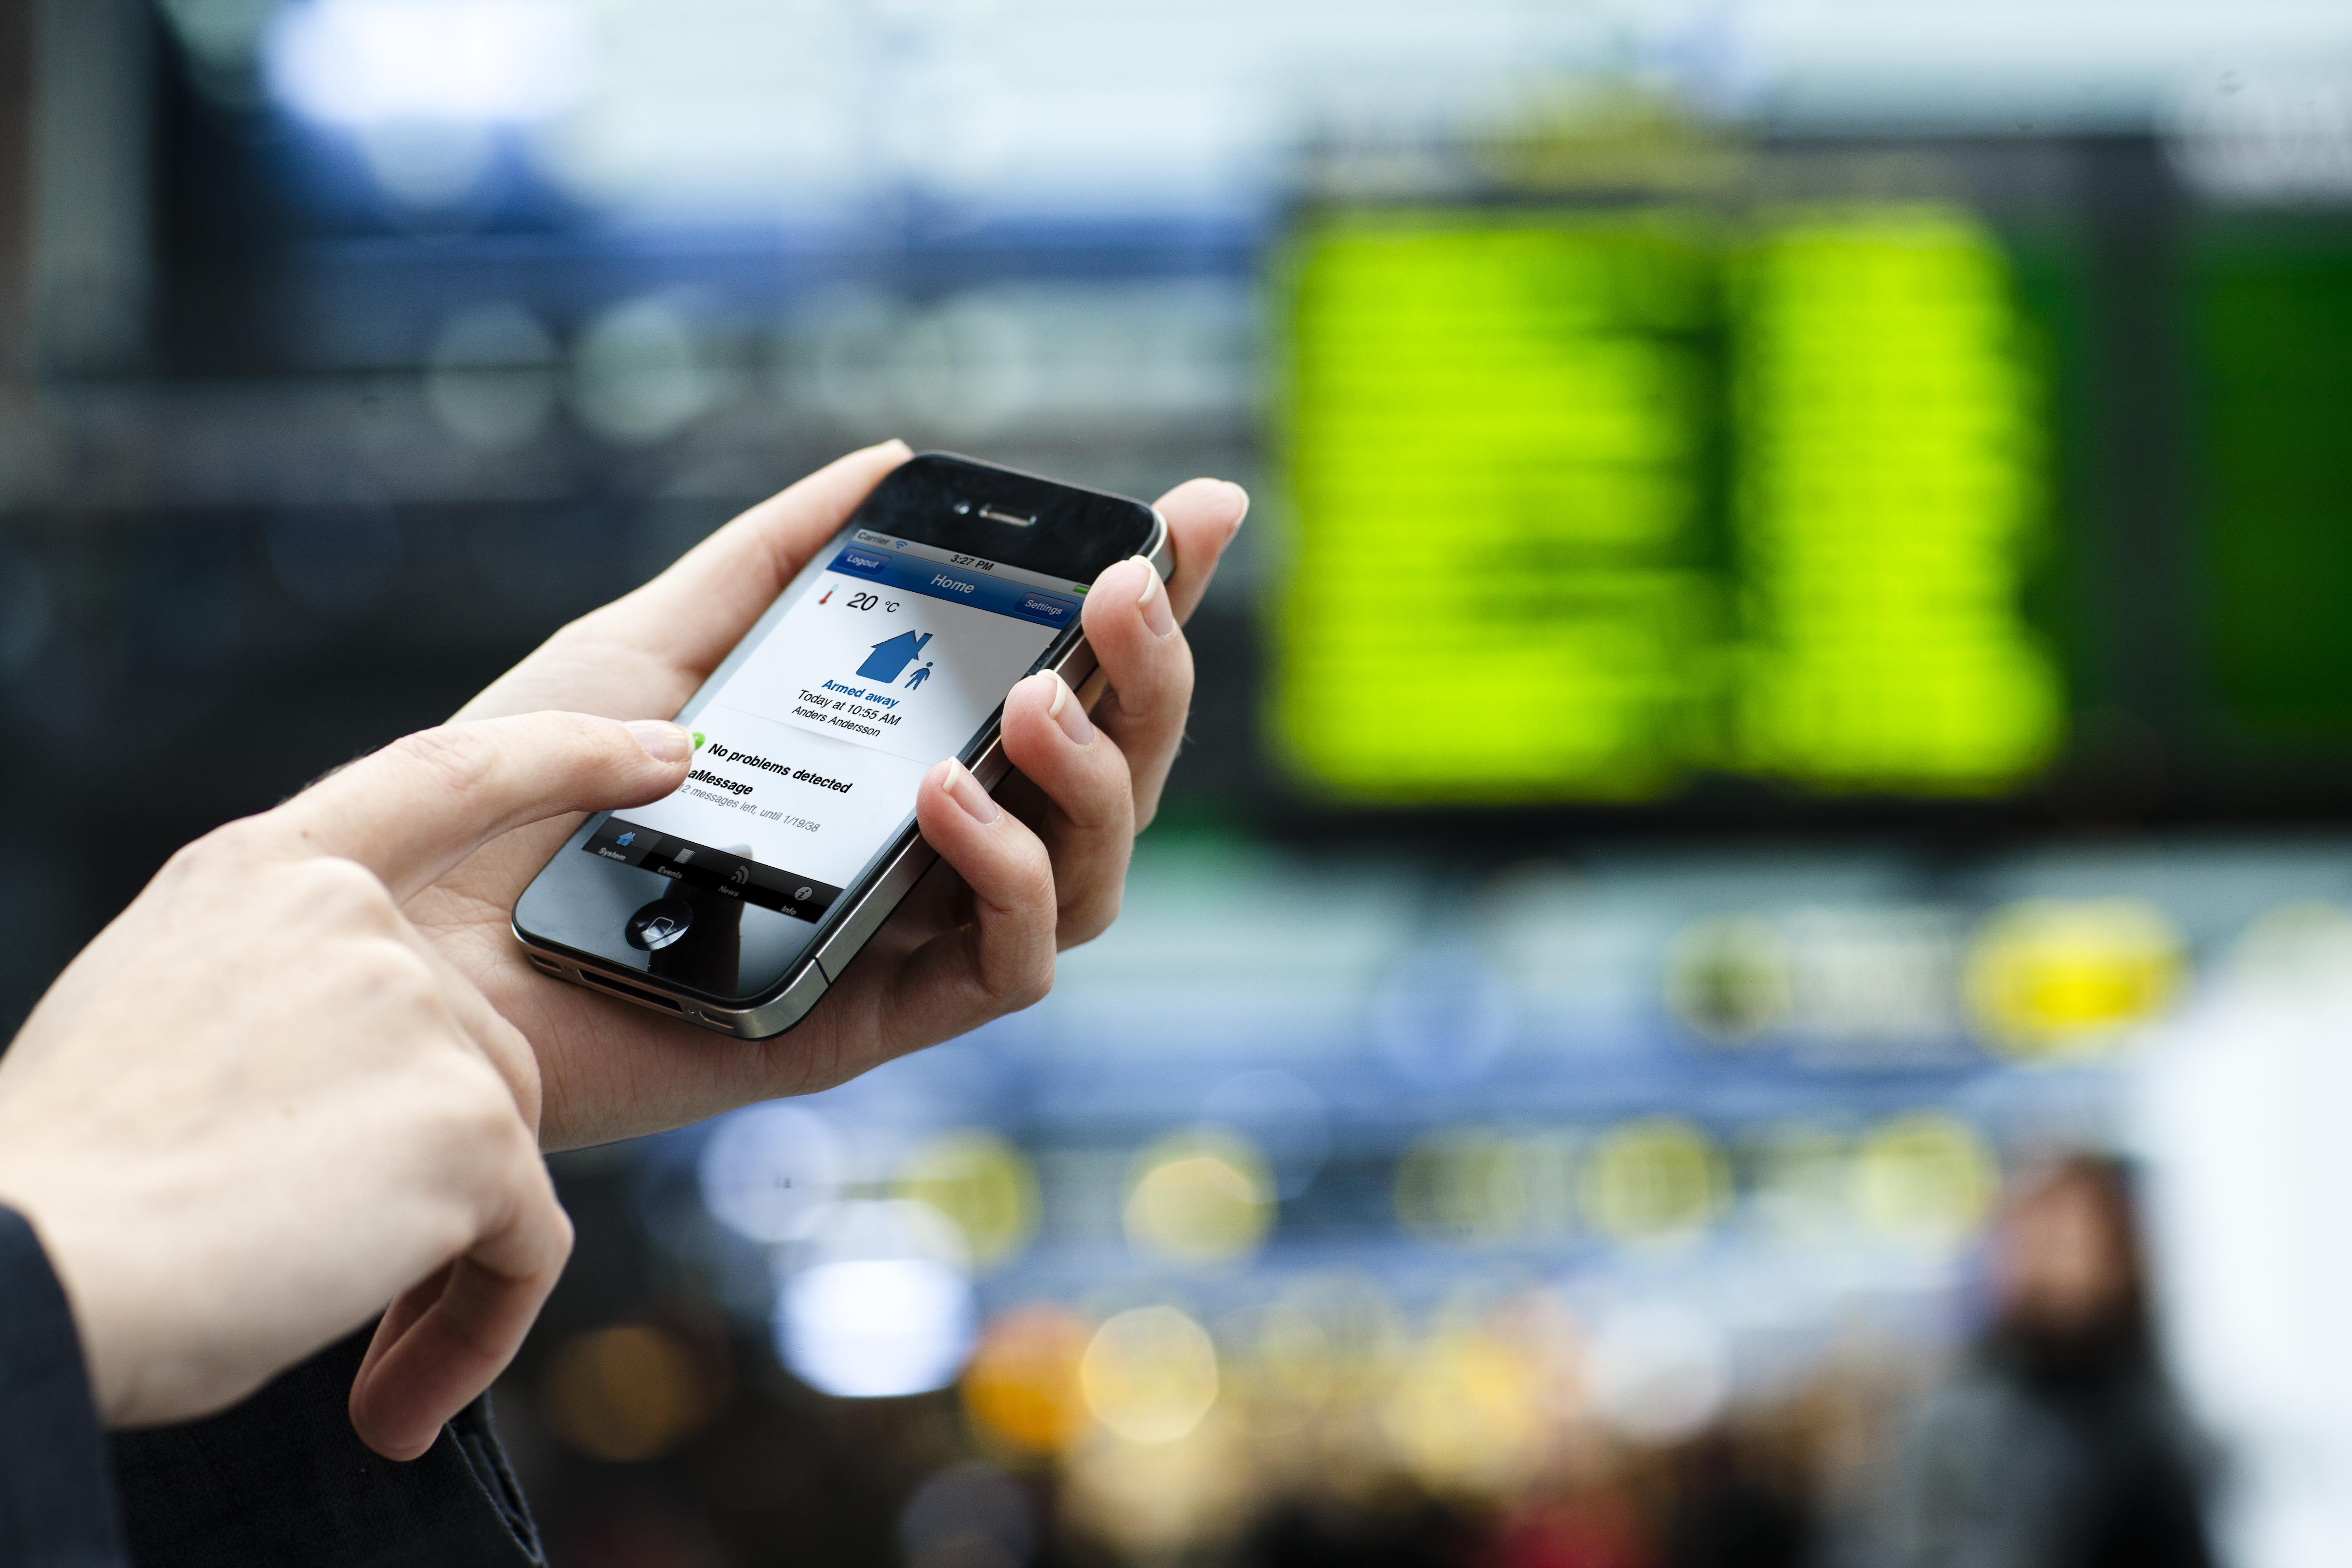 Mobiilisovellus valvoo kodin hälytyksiä | Kotimikro.fi